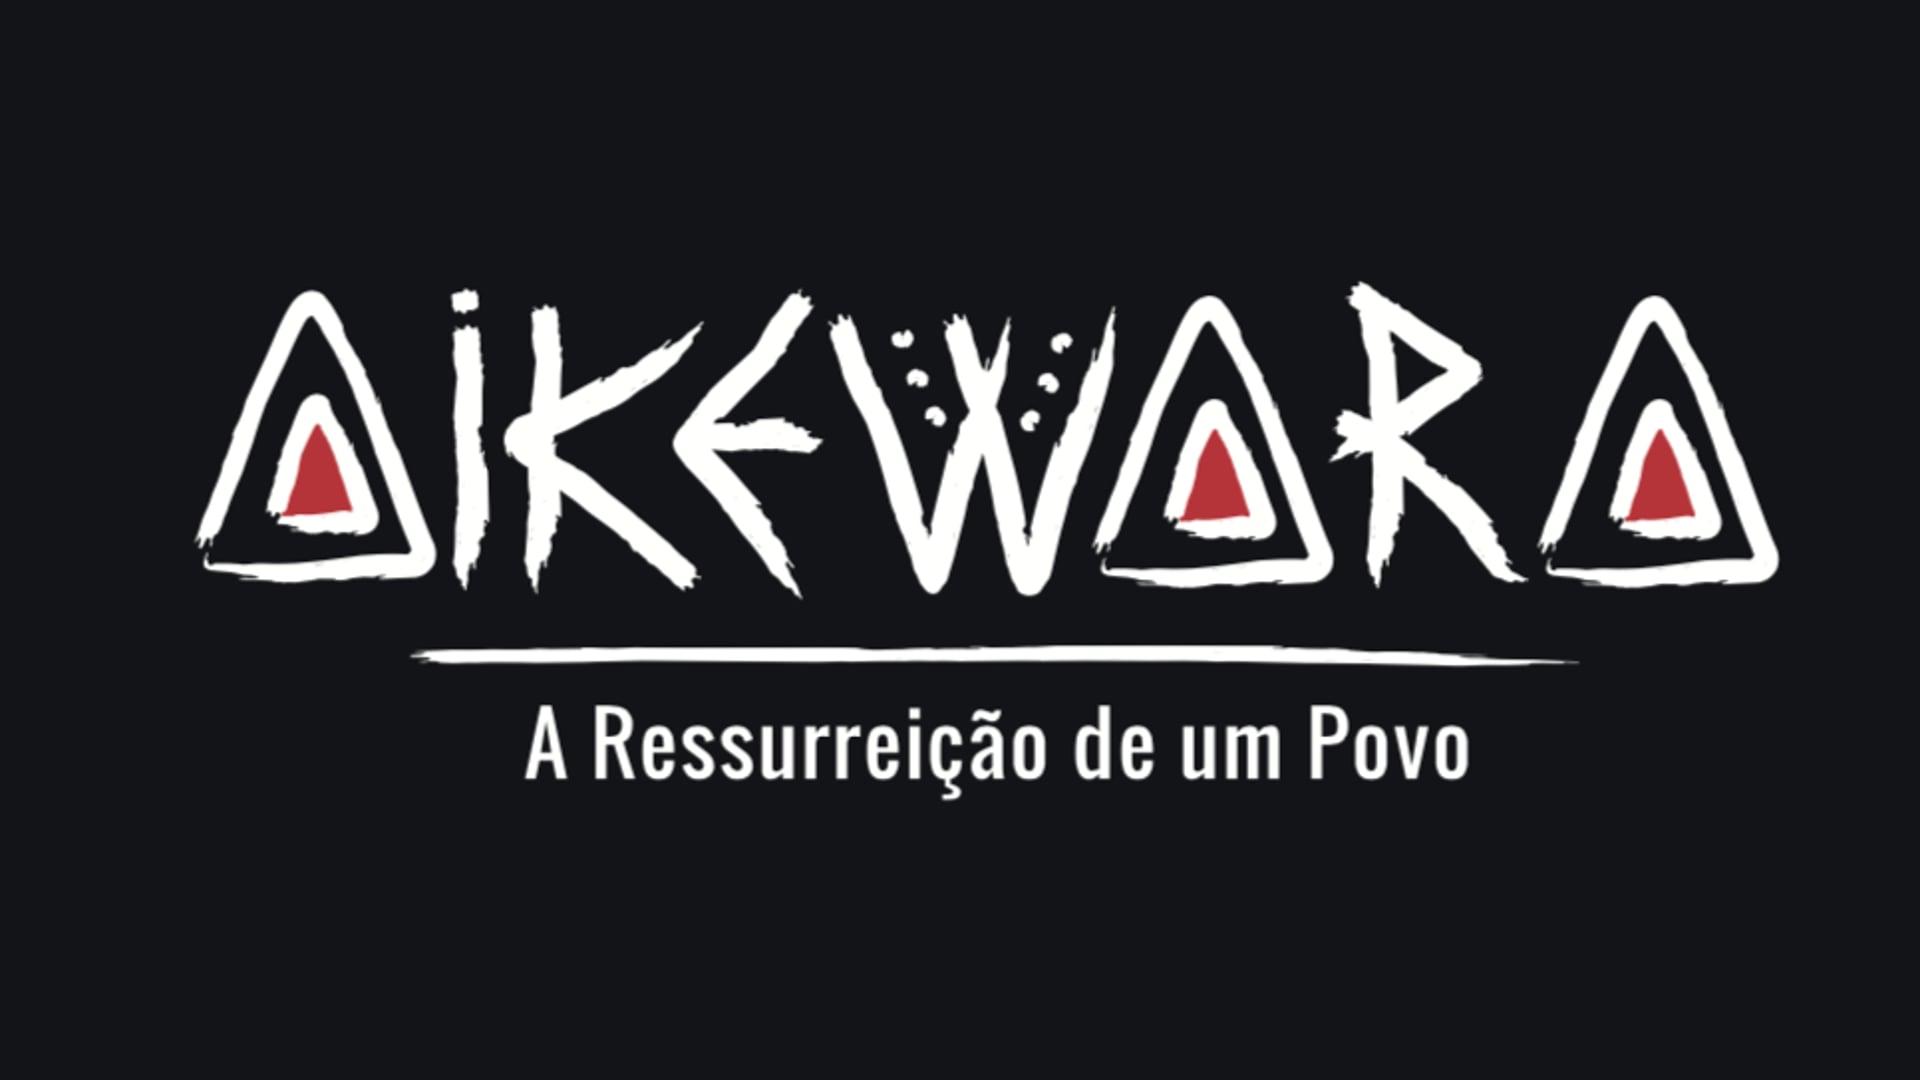 AIKEWARA - Teaser